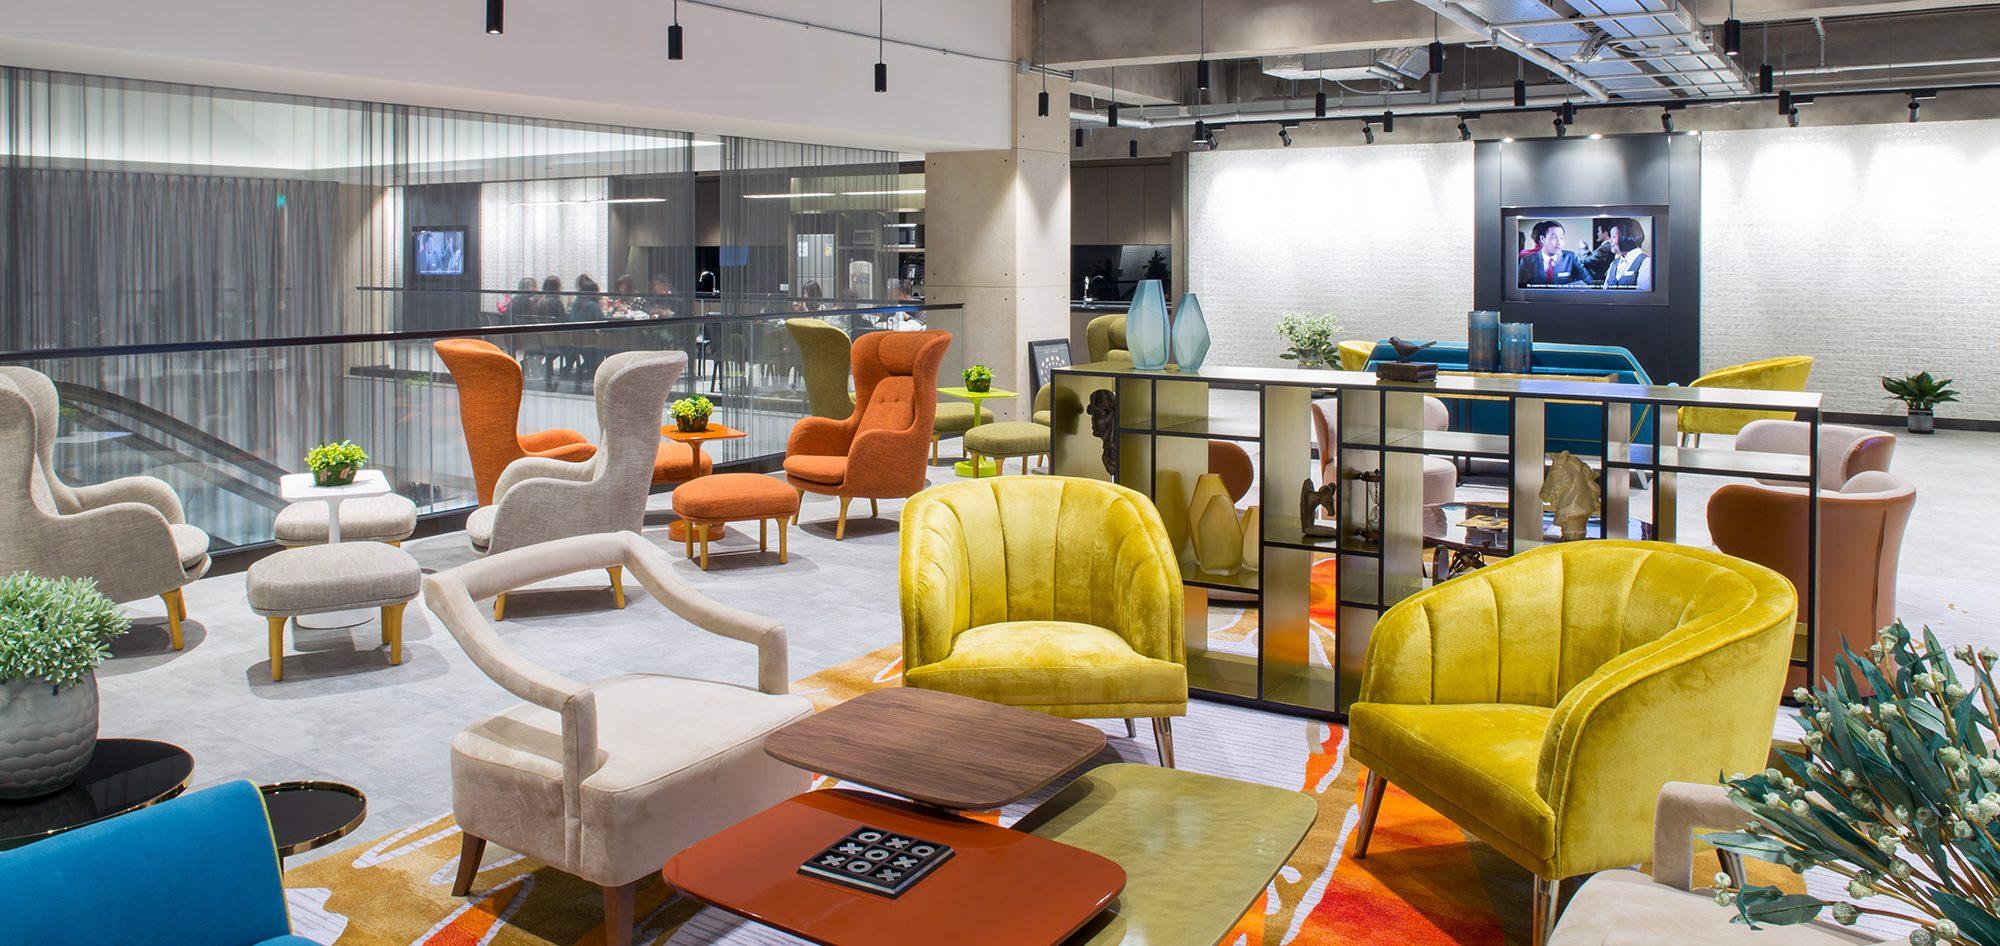 新濠博亚娱乐办公室室内设计项目